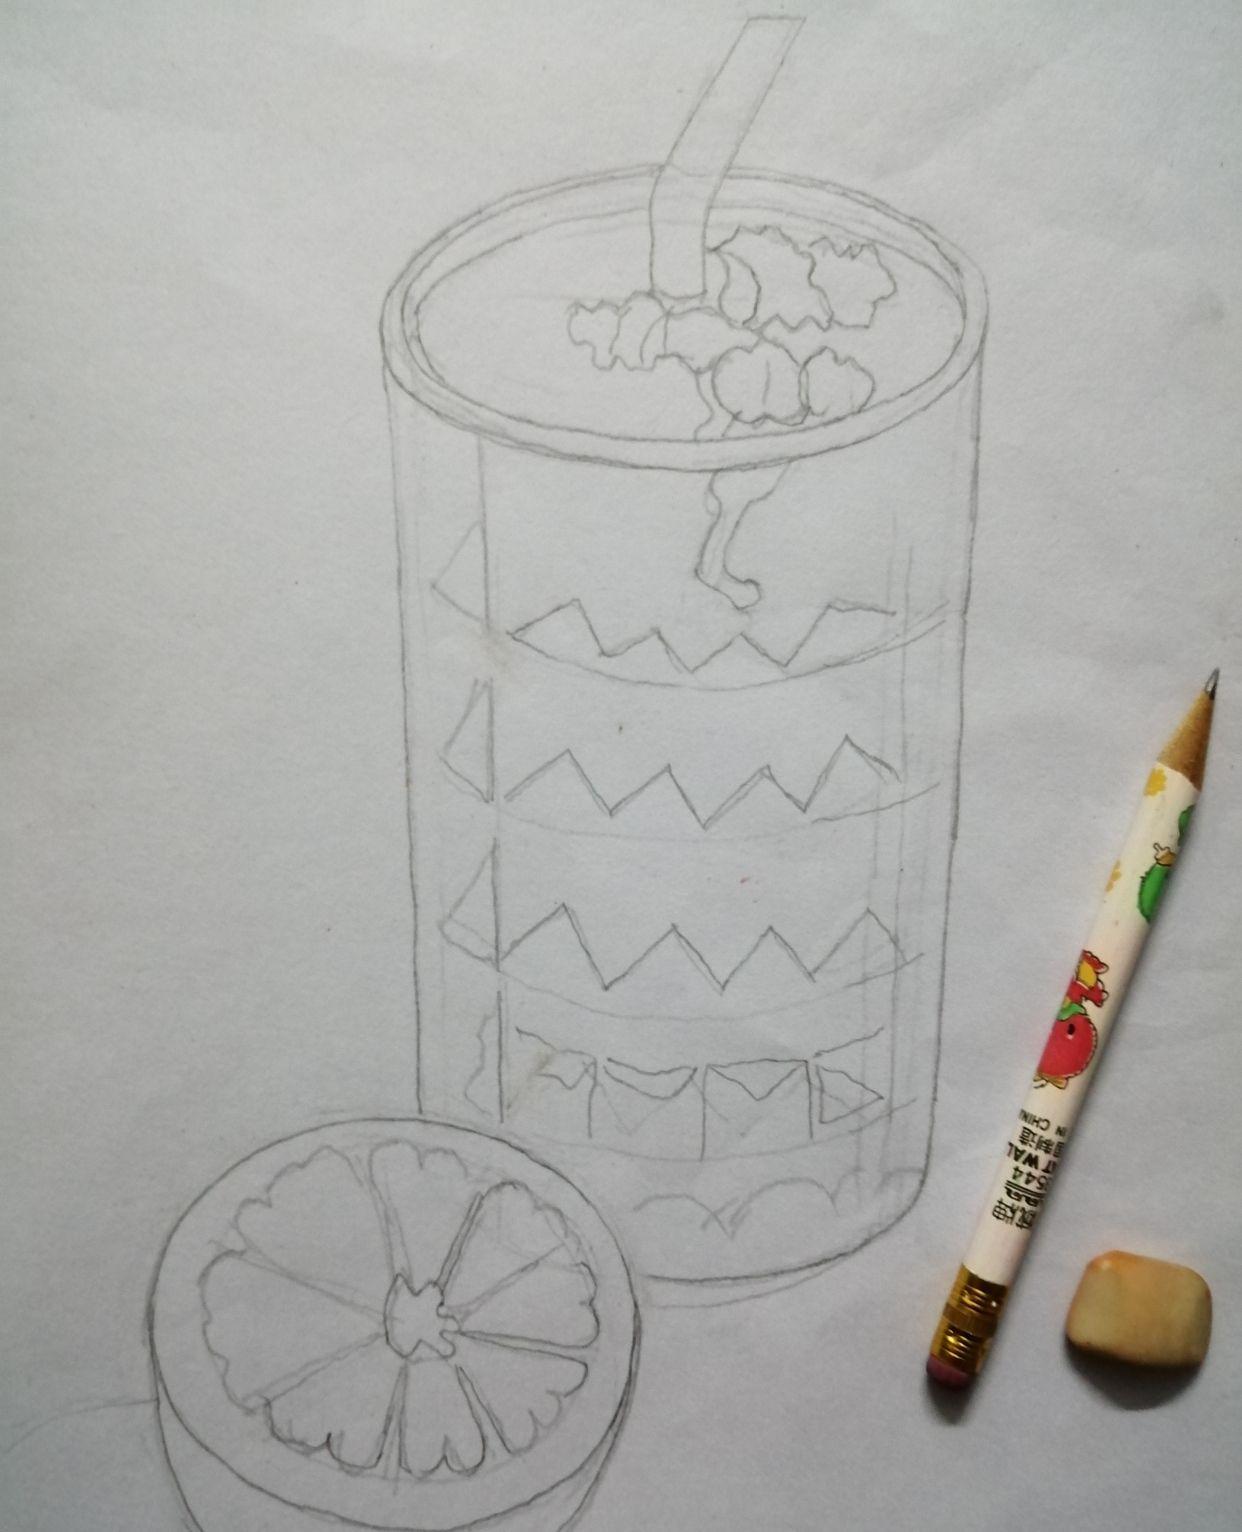 彩铅画果杯的步骤和方法